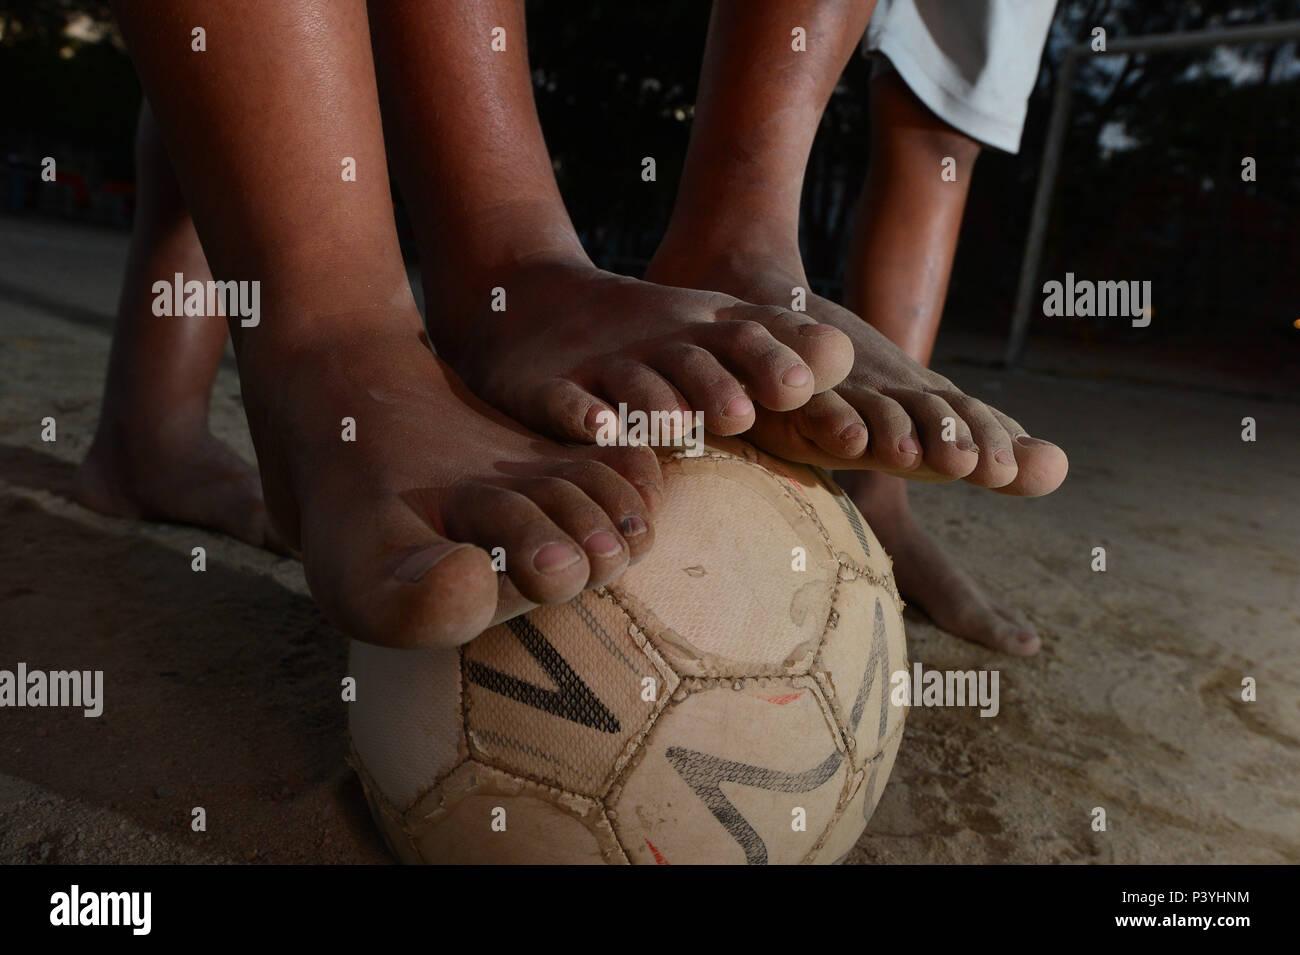 Da comunidade carente Crianças de Rio das Pedras na Zona oeste do Rio, com os pés sujos de Terra batida sobre uma Bola de Futebol. Stockfoto